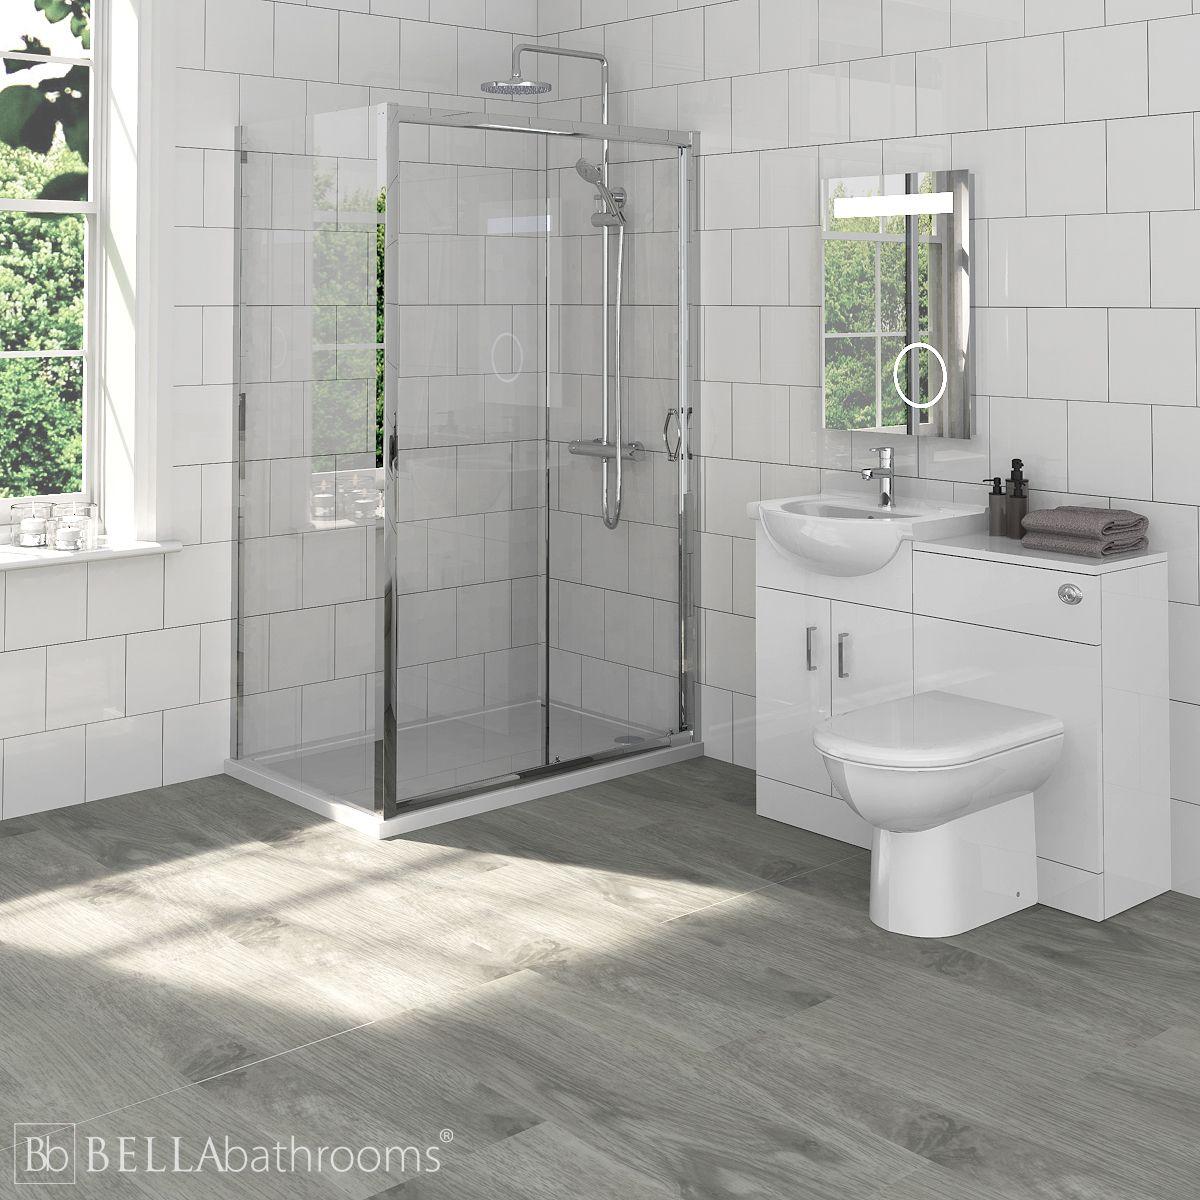 Saturn Bathroom Furniture Pack with Ella Sliding Shower Enclosure